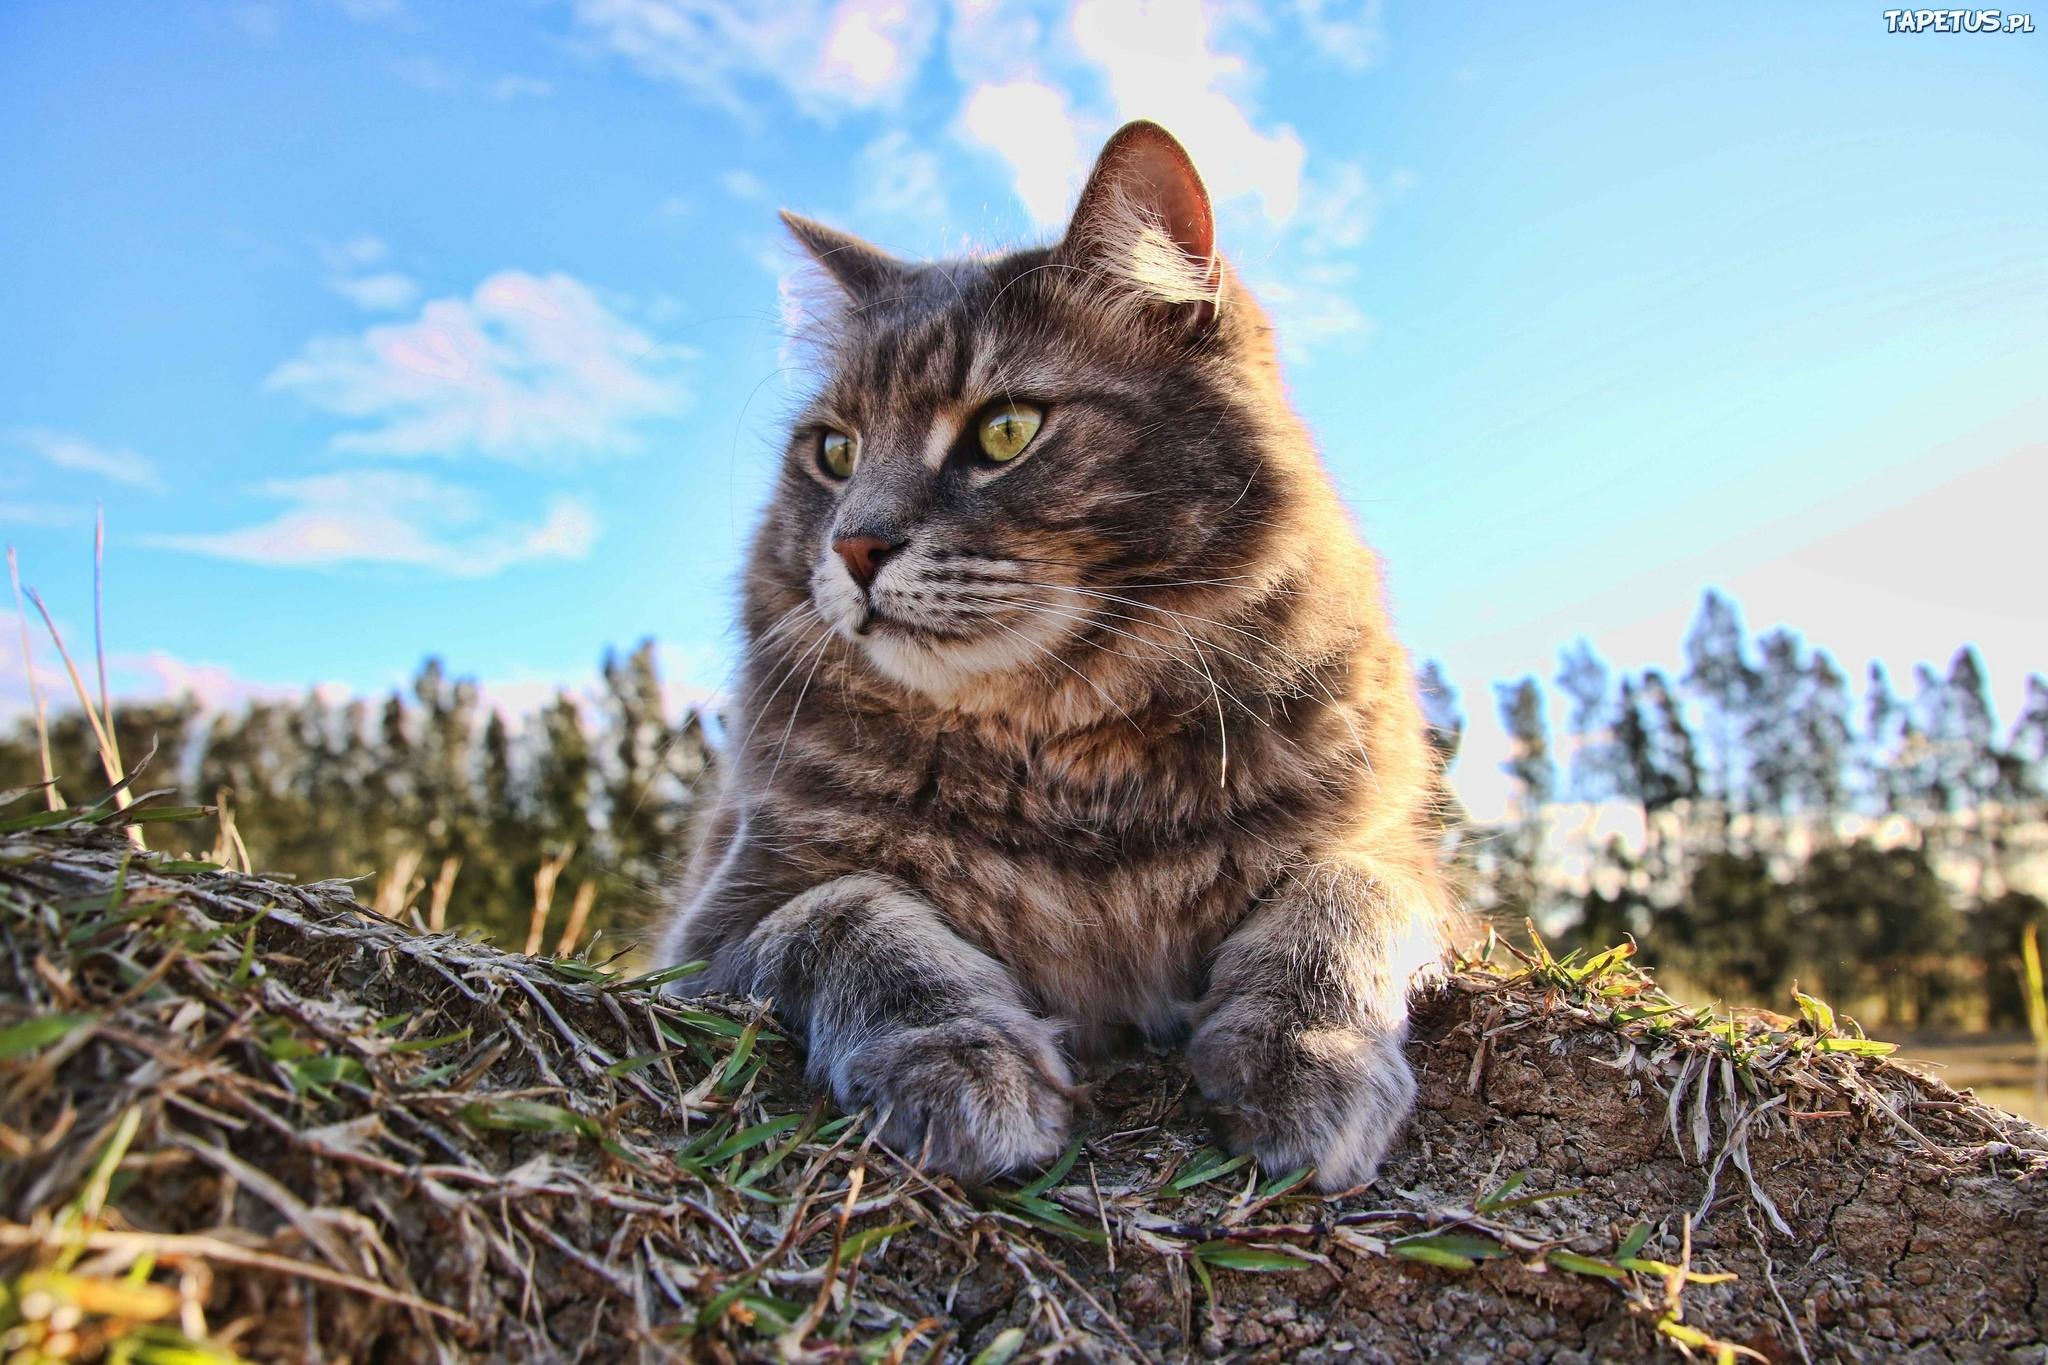 природа животные кот серый язык бесплатно